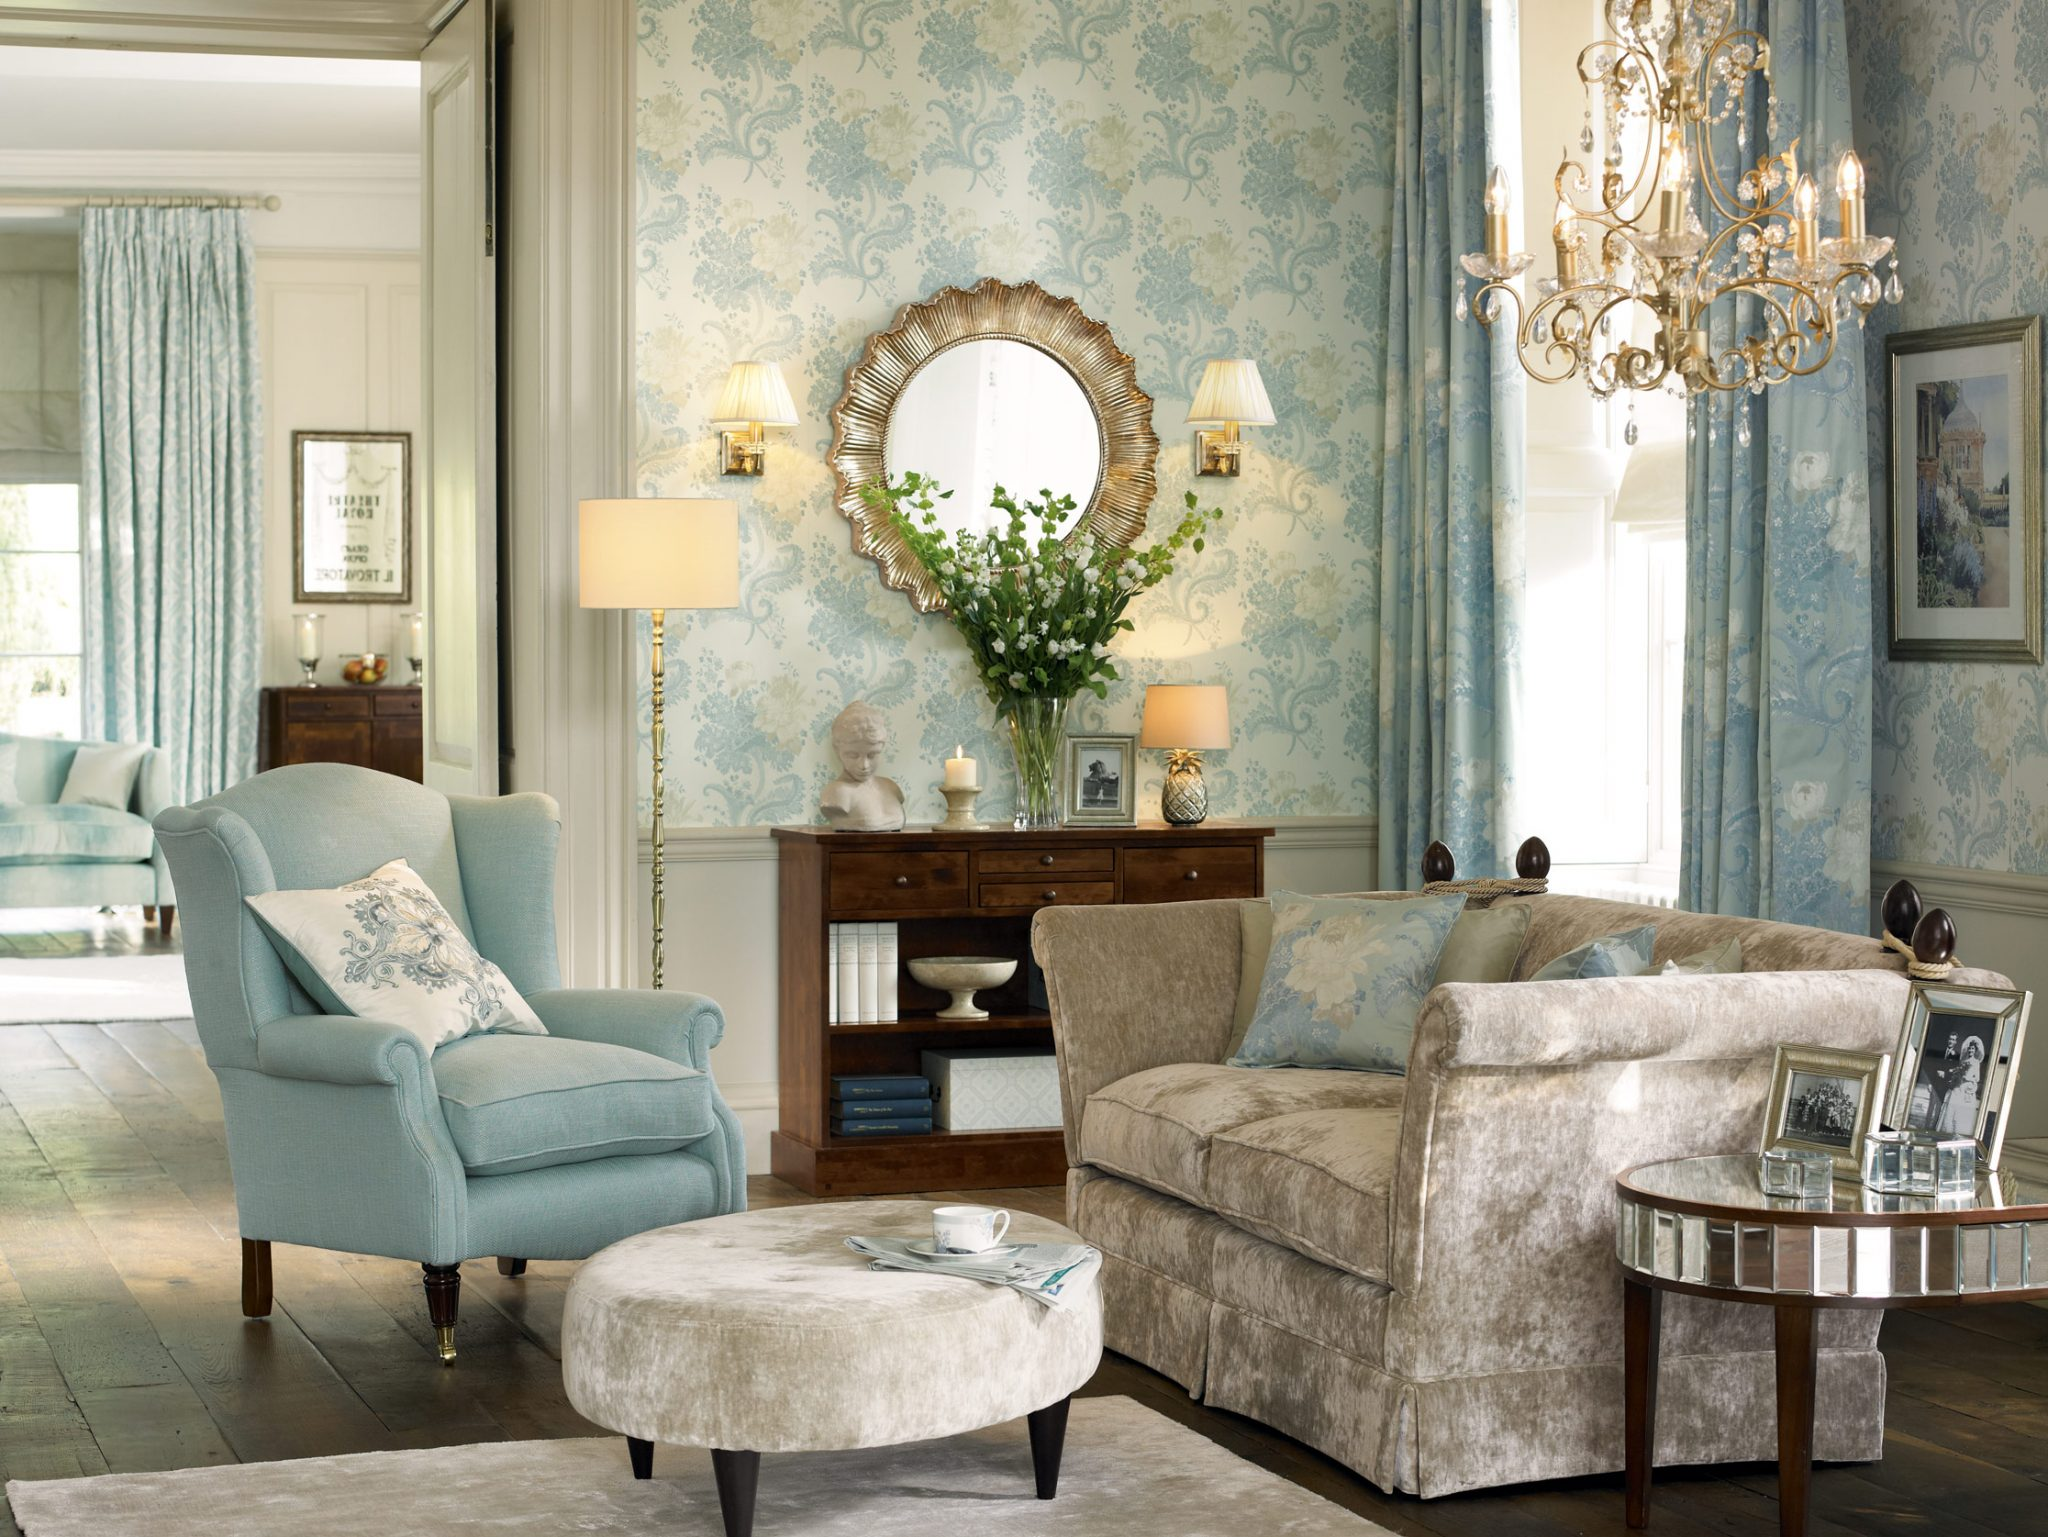 Salon w stylu romantycznym w kolorze niebieskim